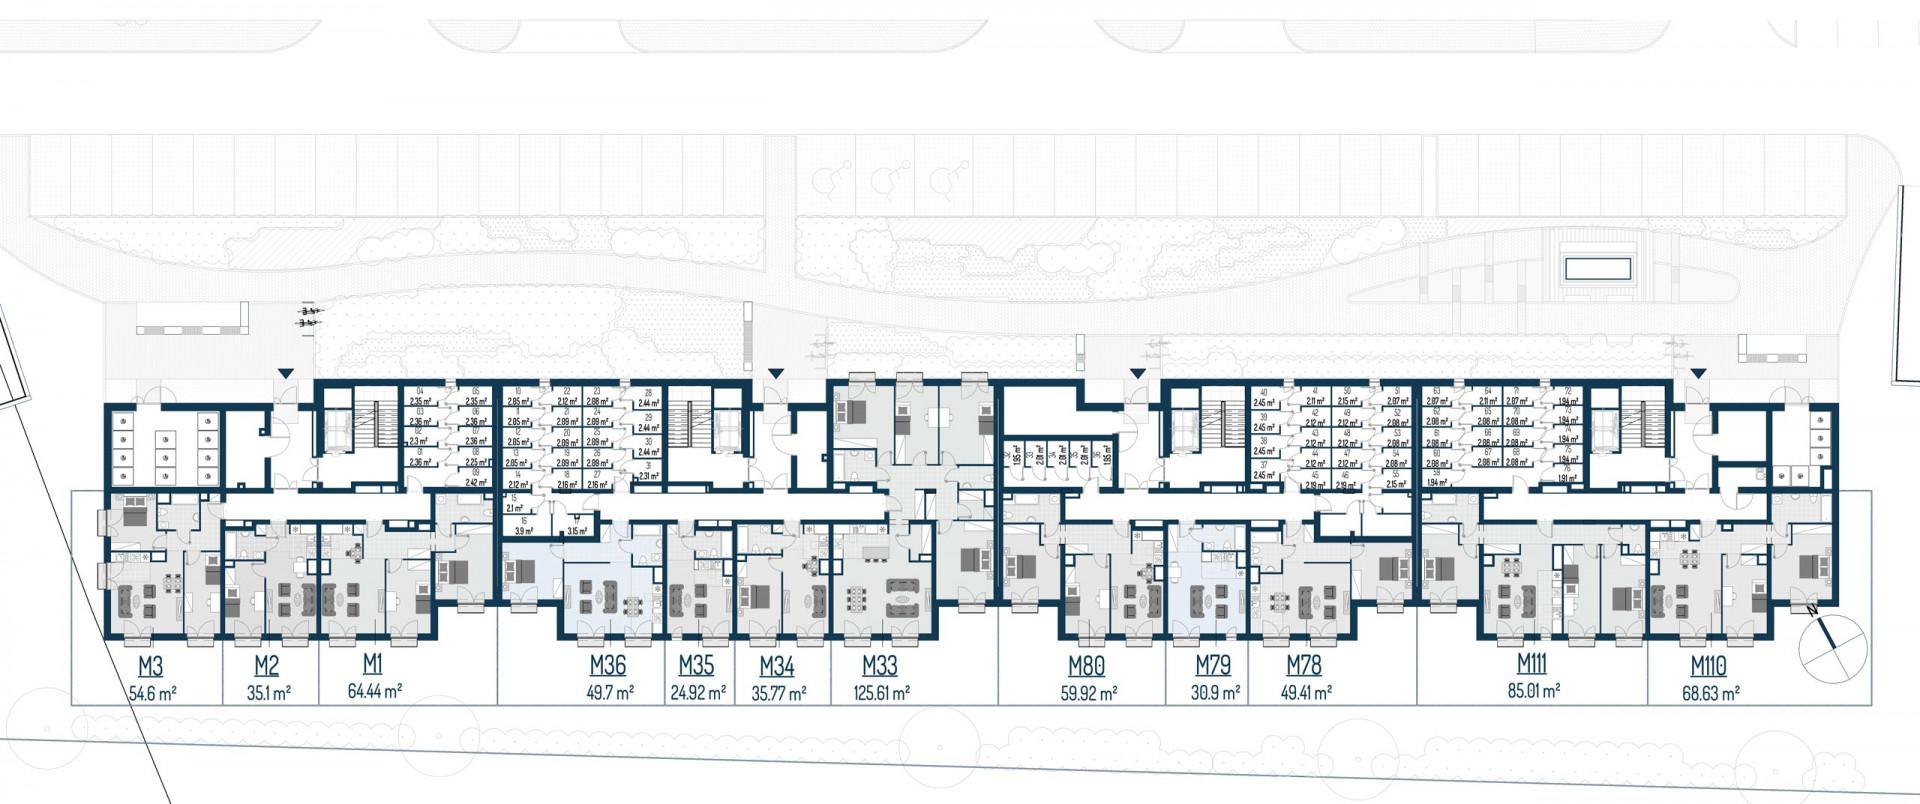 Zdrowe Stylove / budynek 2 / mieszkanie nr 111 rzut 2